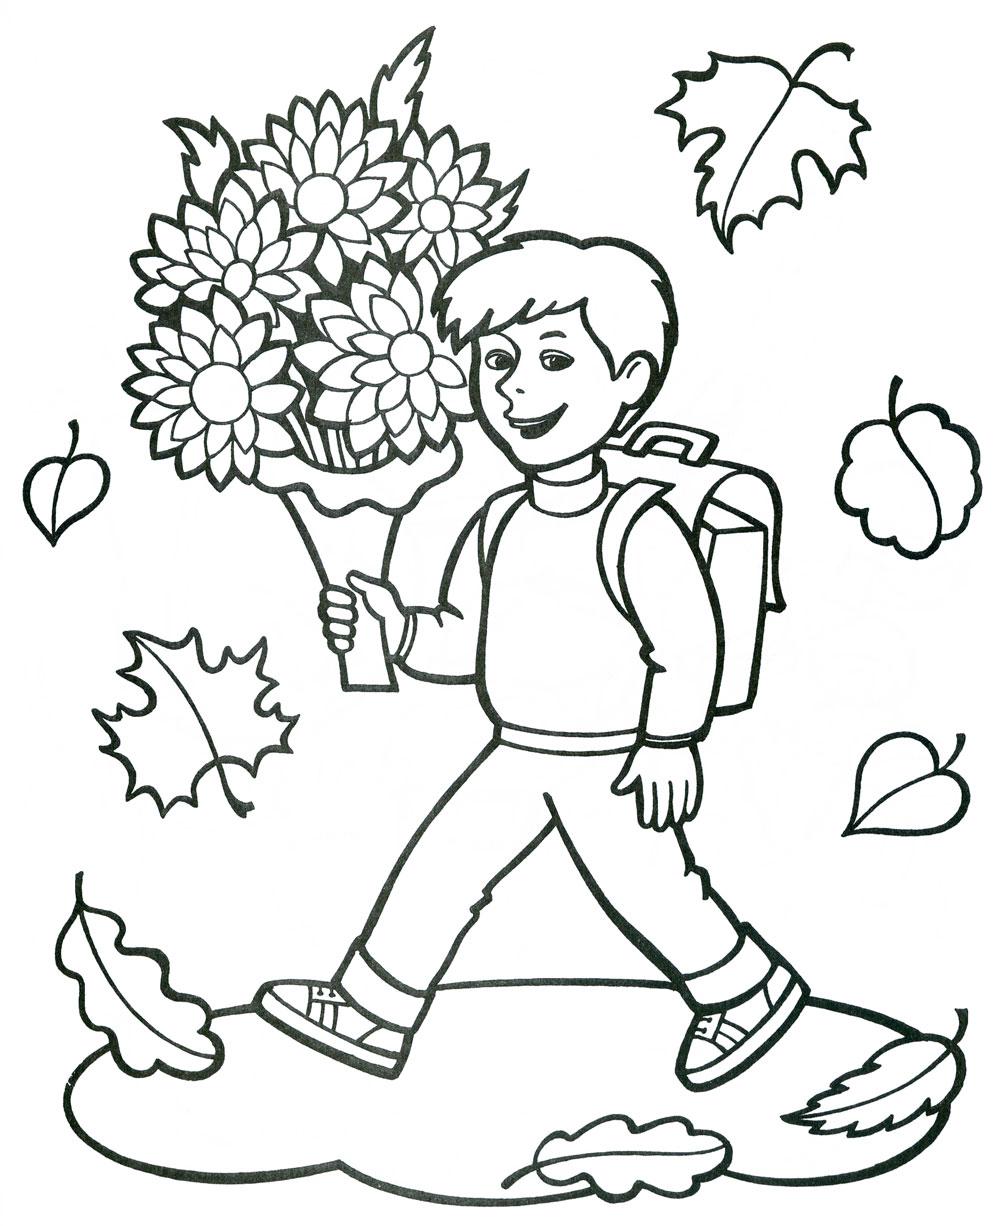 Раскраски для детей осень распечатать - 1